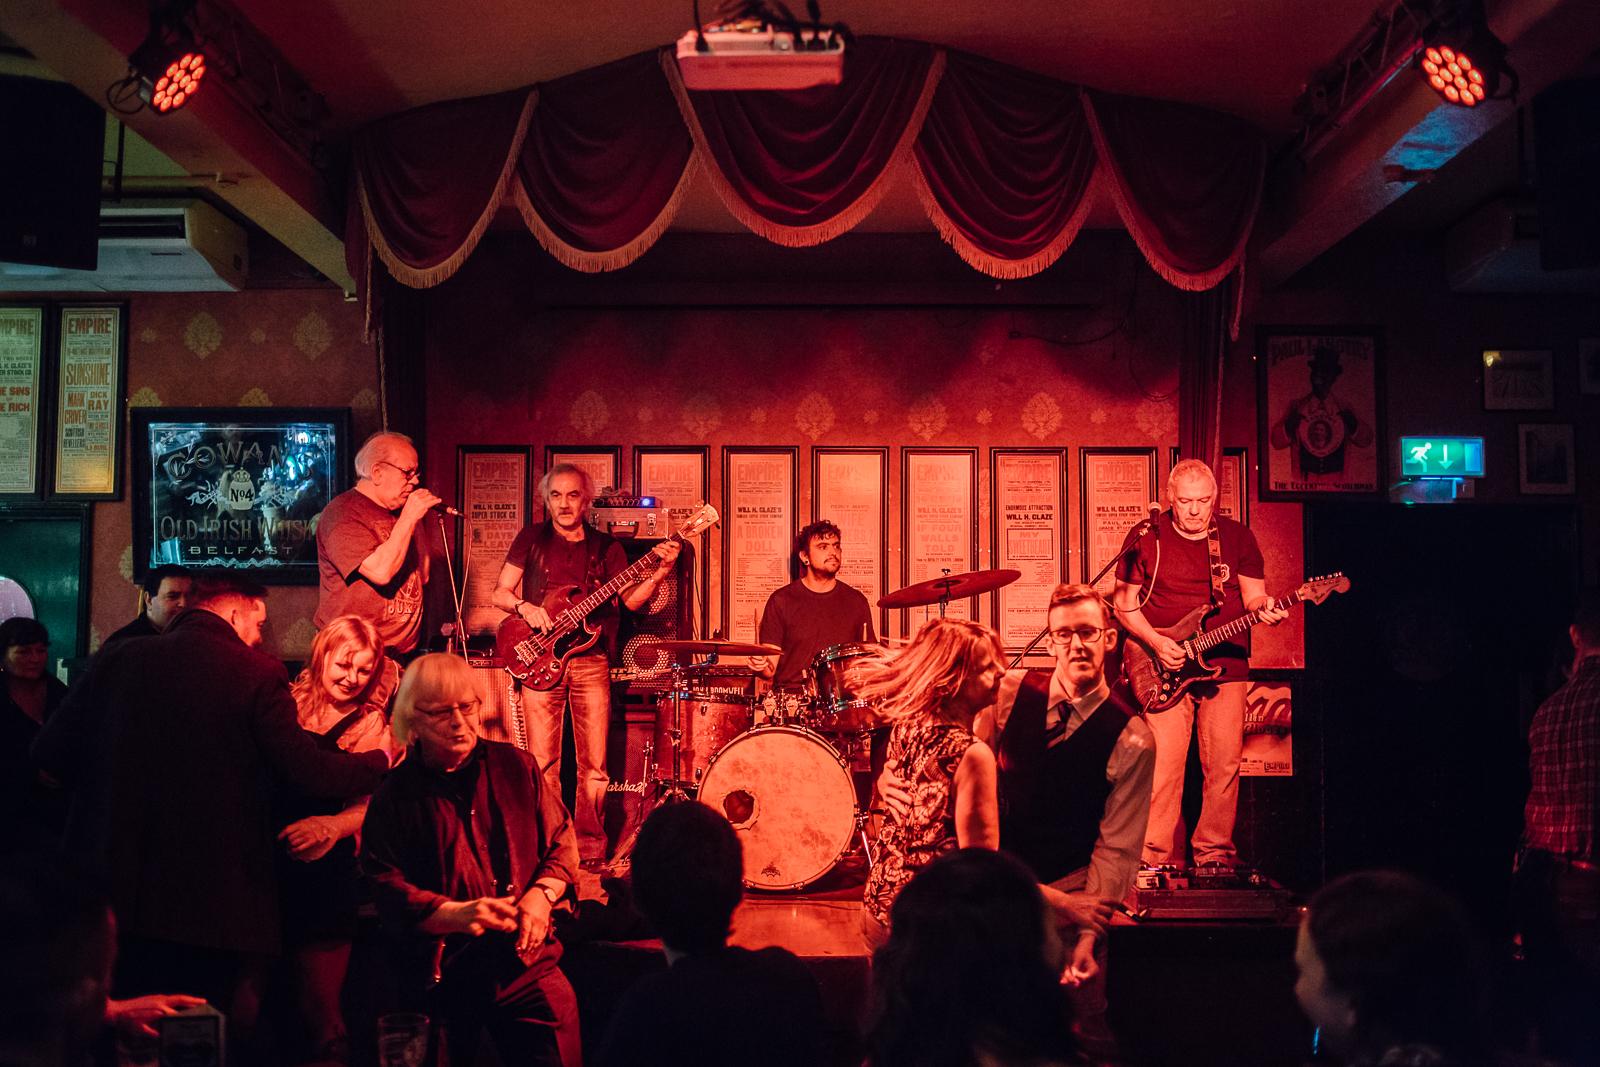 Belfast, le 3 Mars 2017. Concert dans un bar de nuit du quartier universitaire de Belfast.